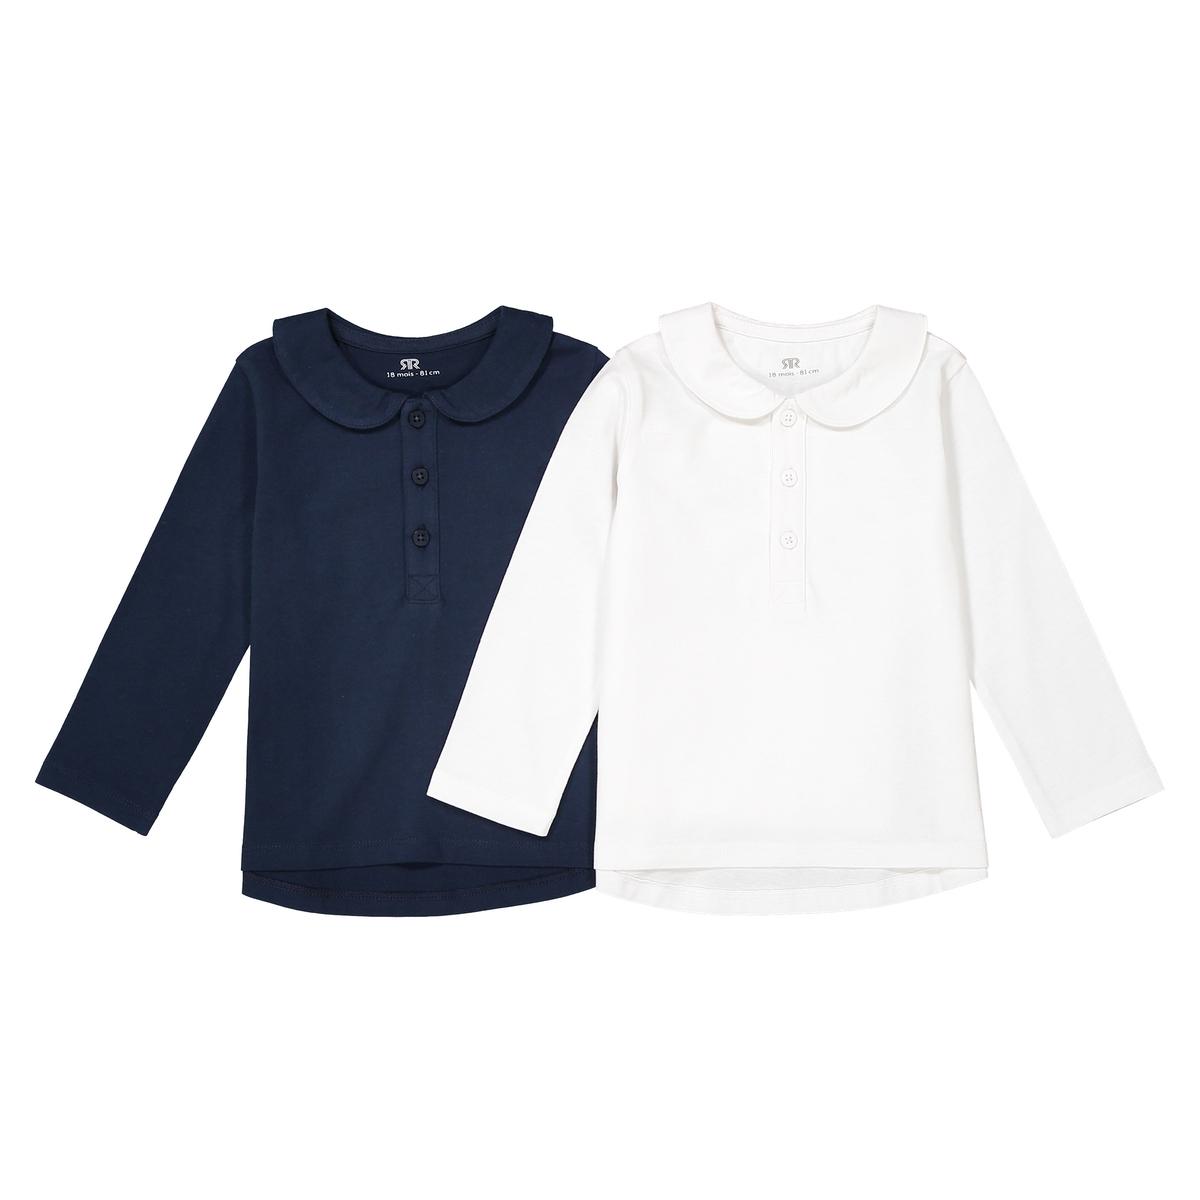 T-shirt a maniche lunghe colletto 1 mese-3 anni